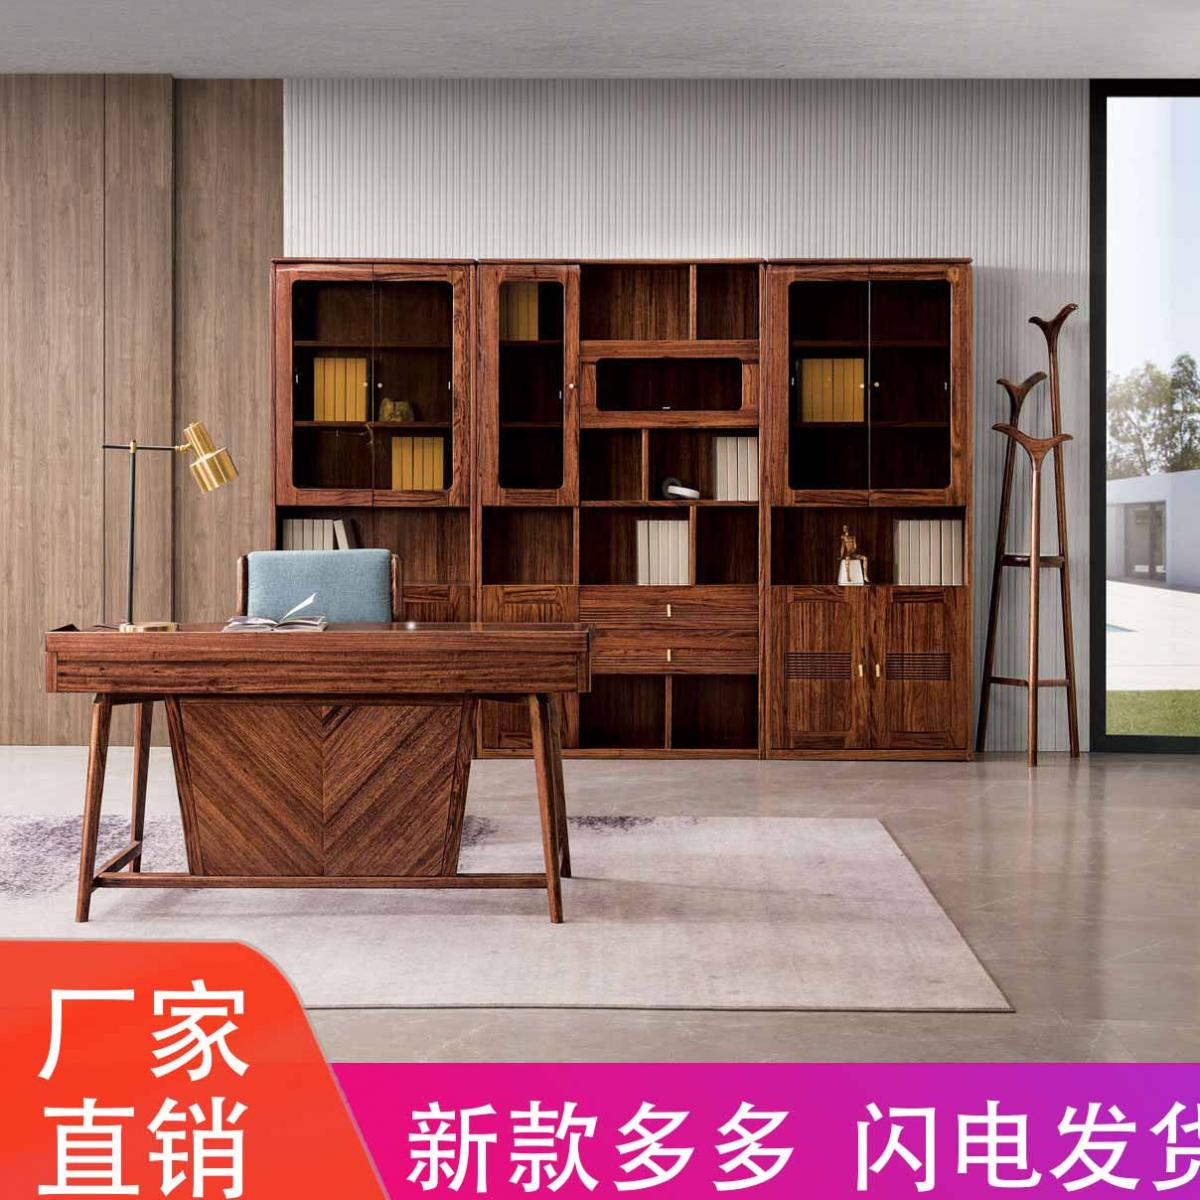 新中式实木禅意书桌现代中式轻奢办公书案书法桌书房家具套装组合